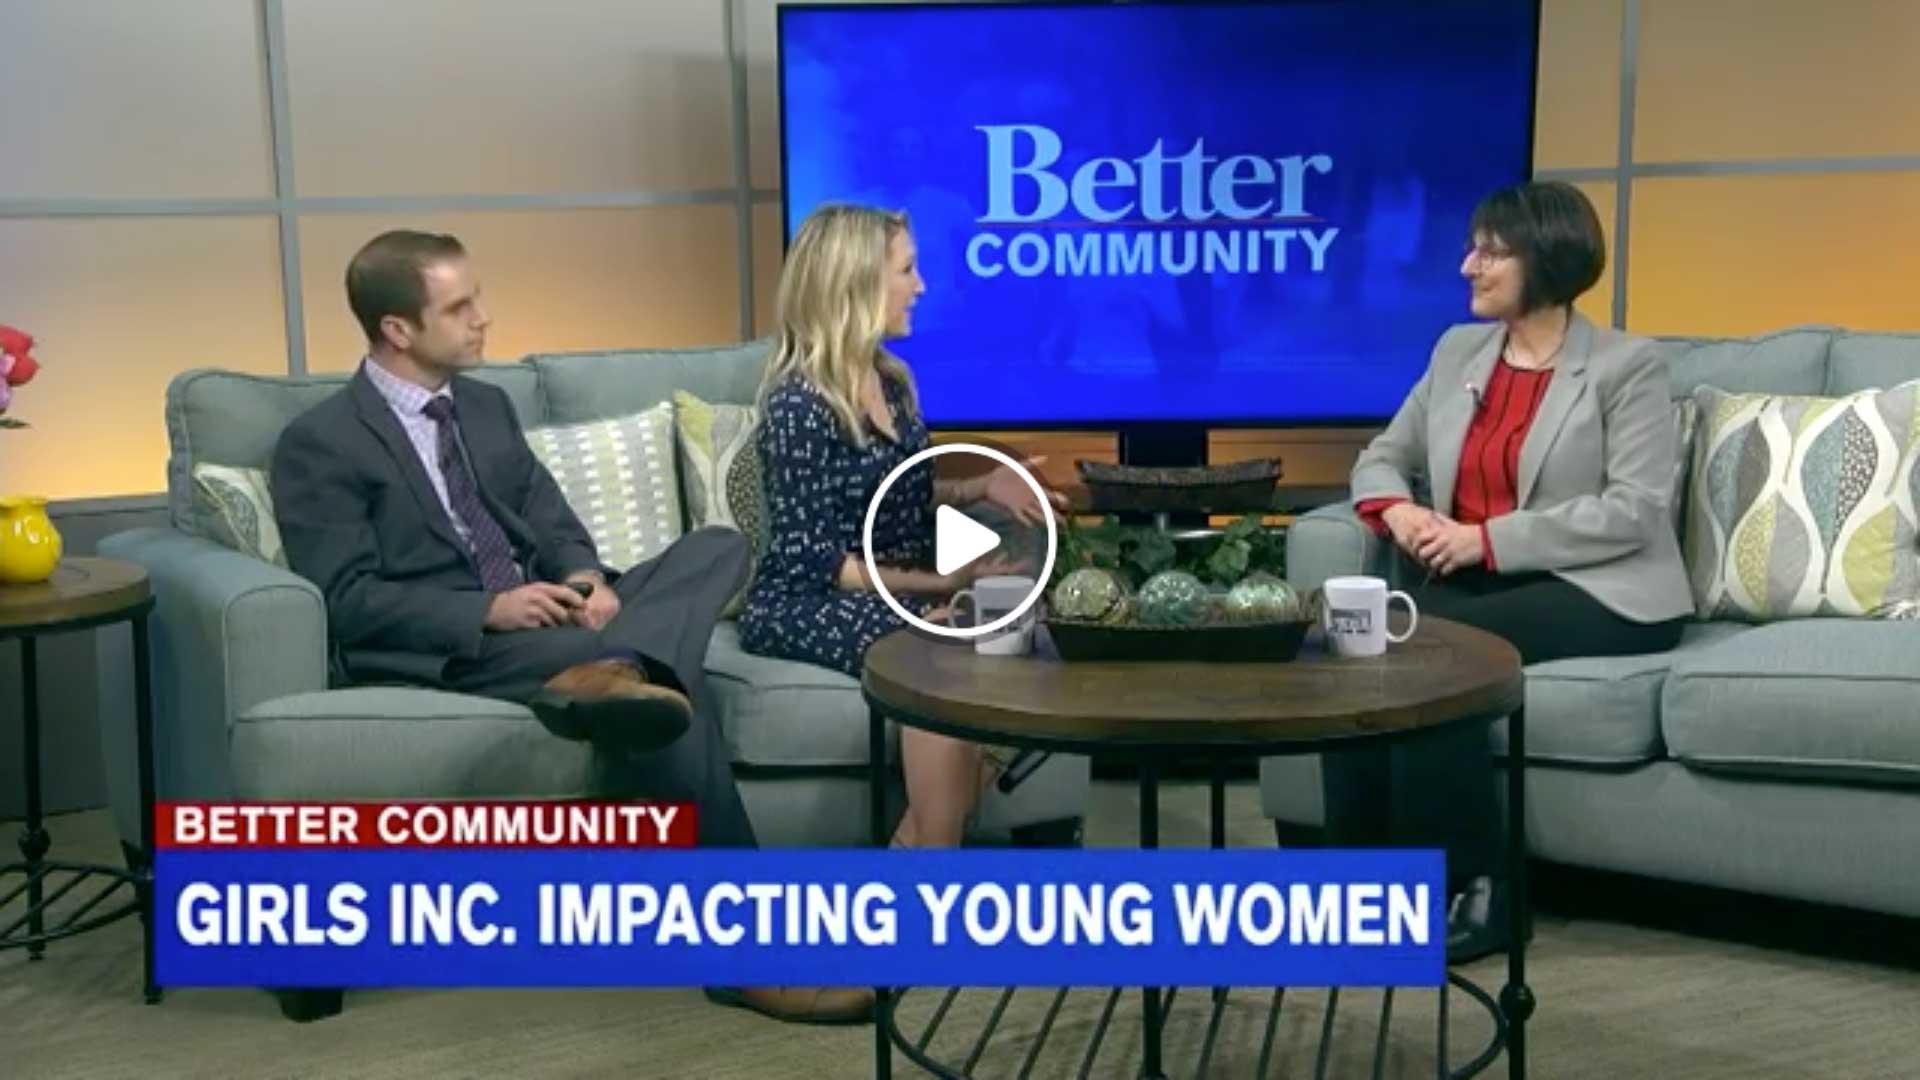 Girls Inc. Executive Director interviewed on Western Mass News